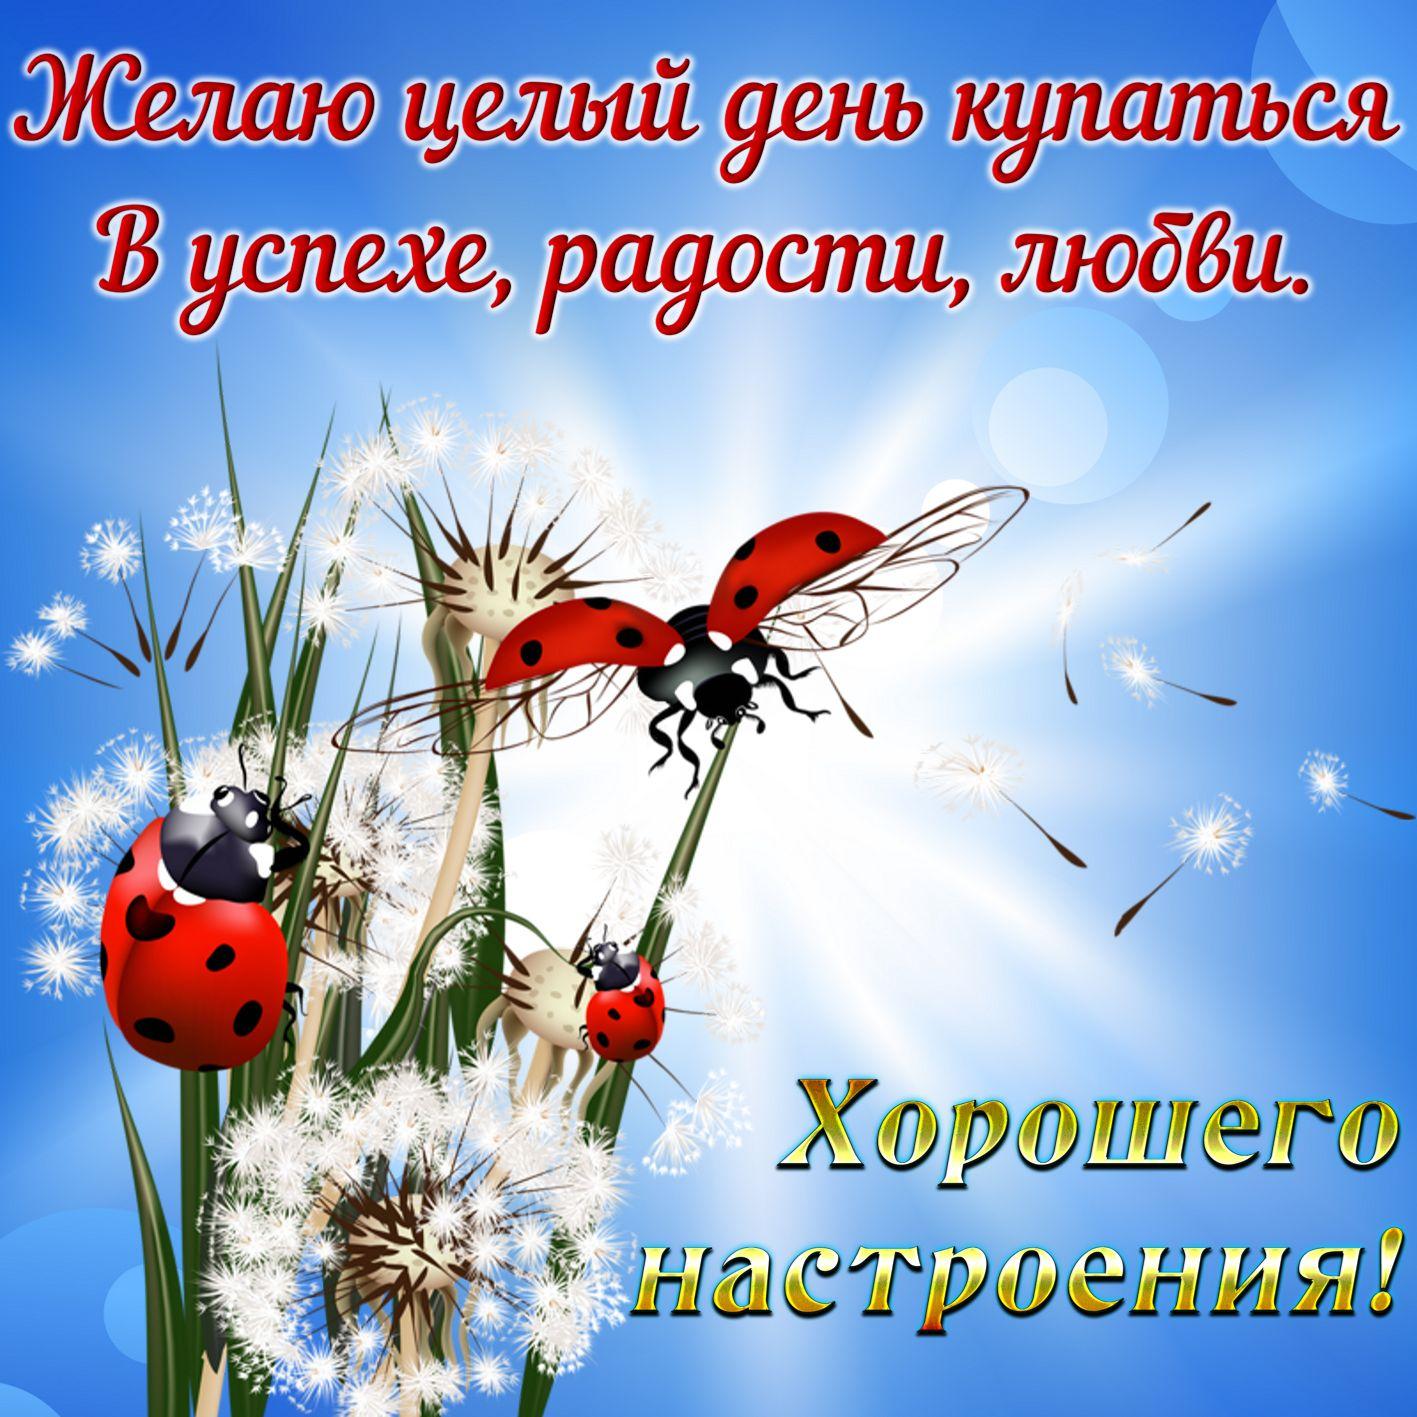 Открытки с пожеланиями хорошего дня и настроения друзьям